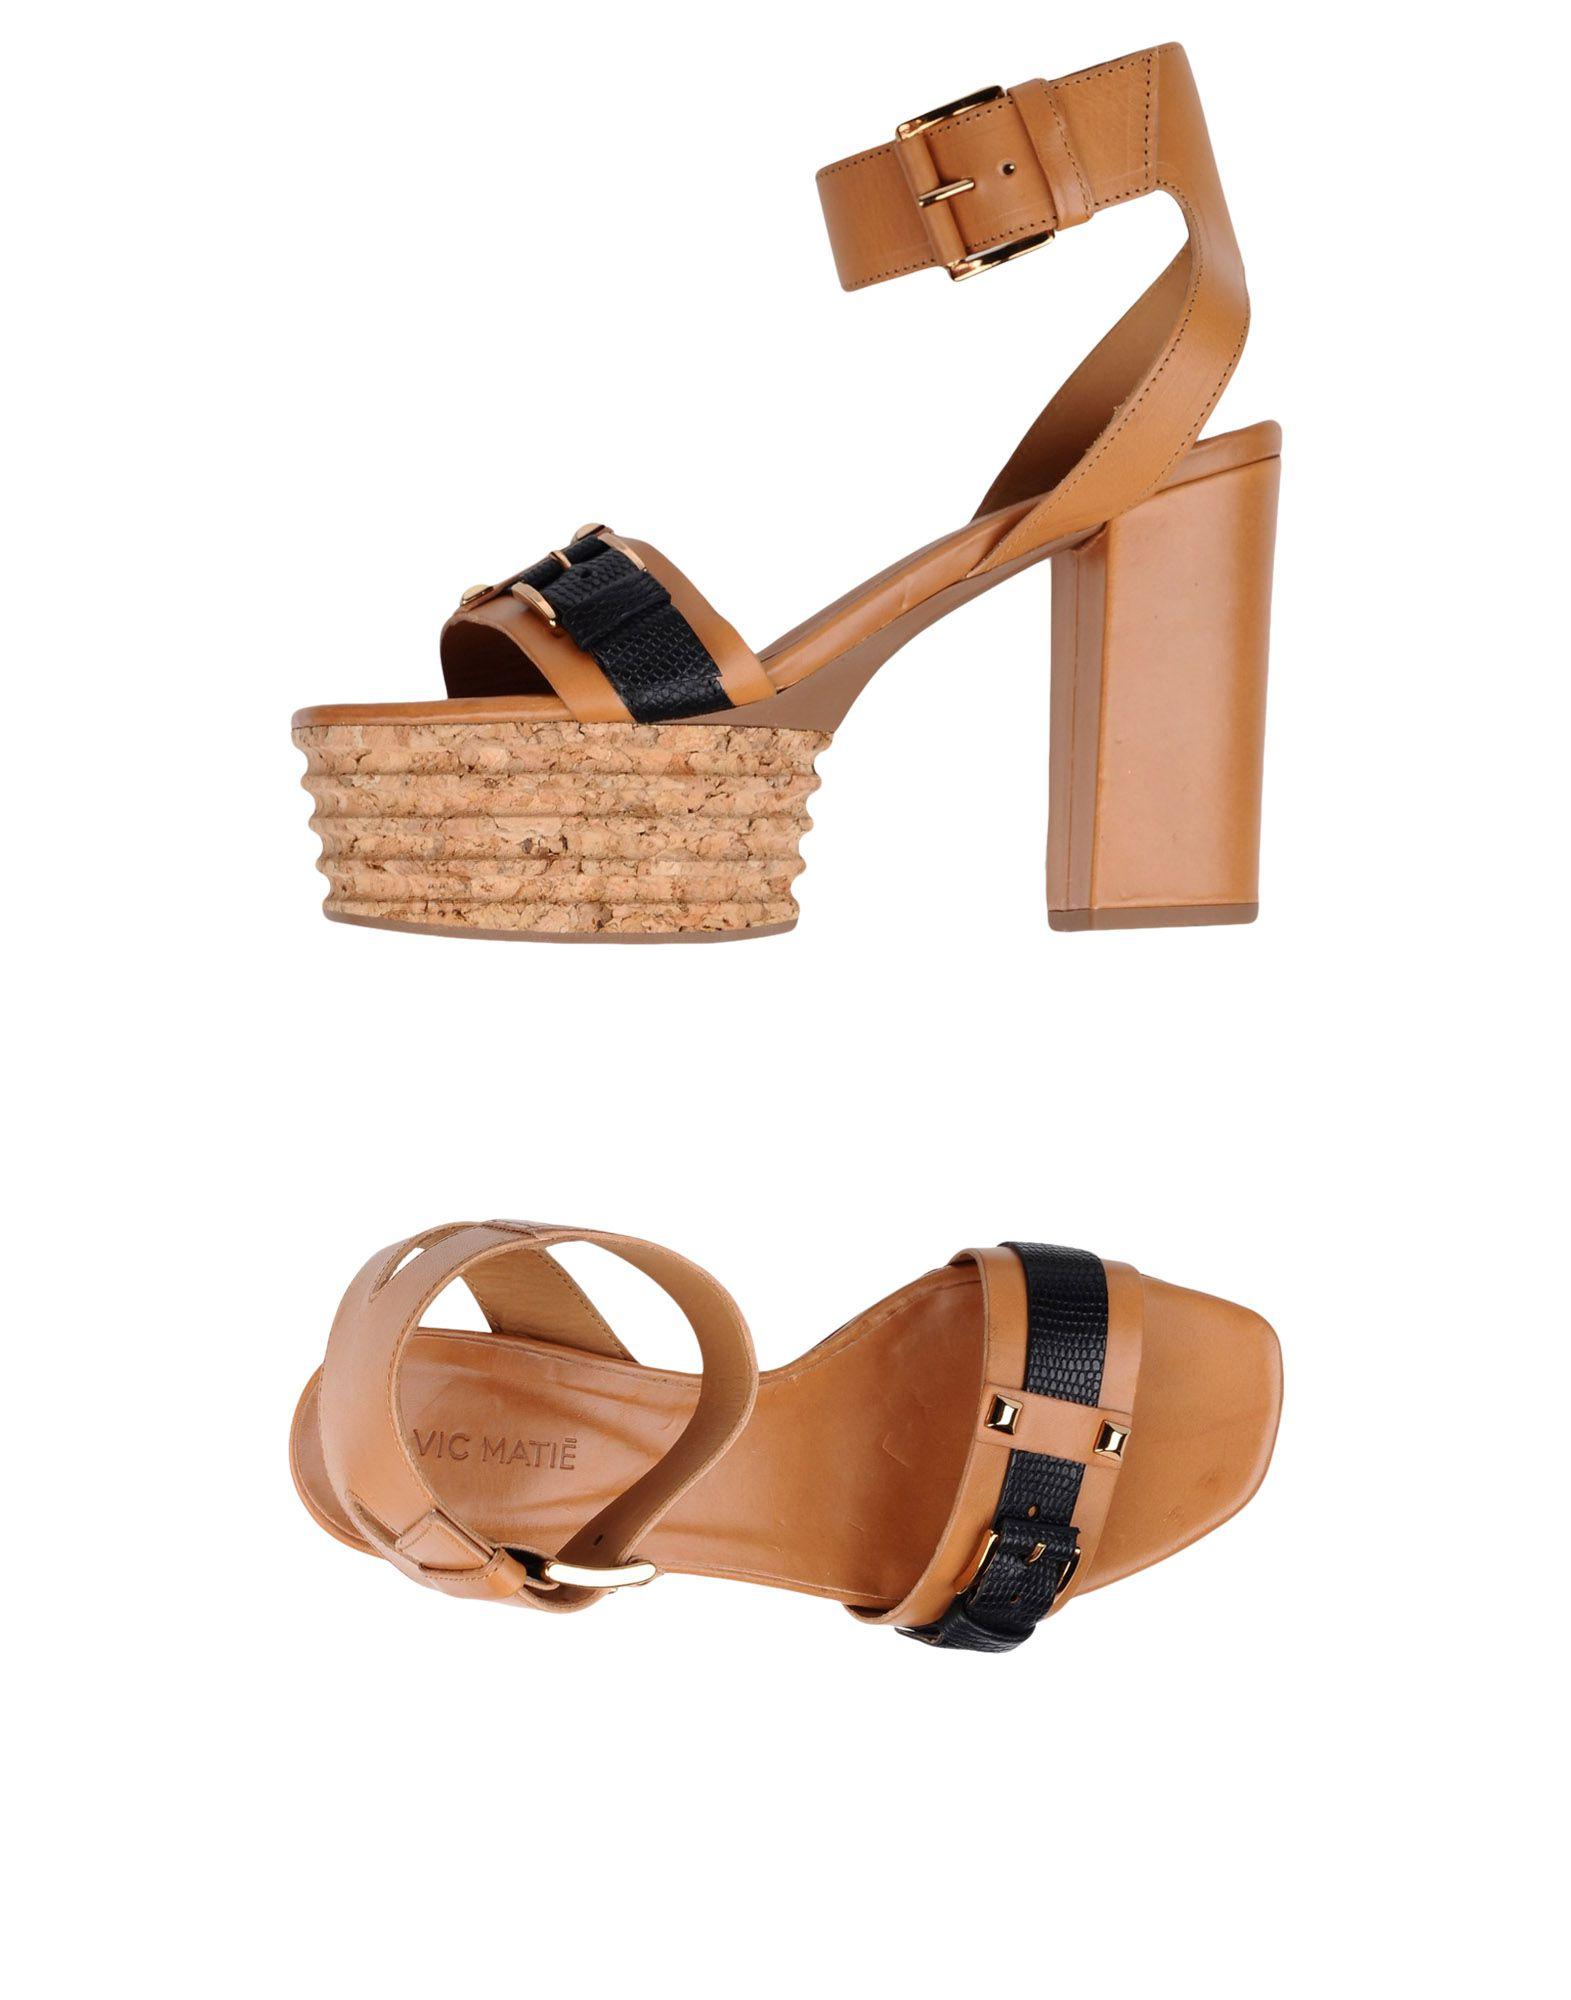 Stilvolle billige Sandalen Schuhe Vic Matiē Sandalen billige Damen  11355043XE b0a3b9